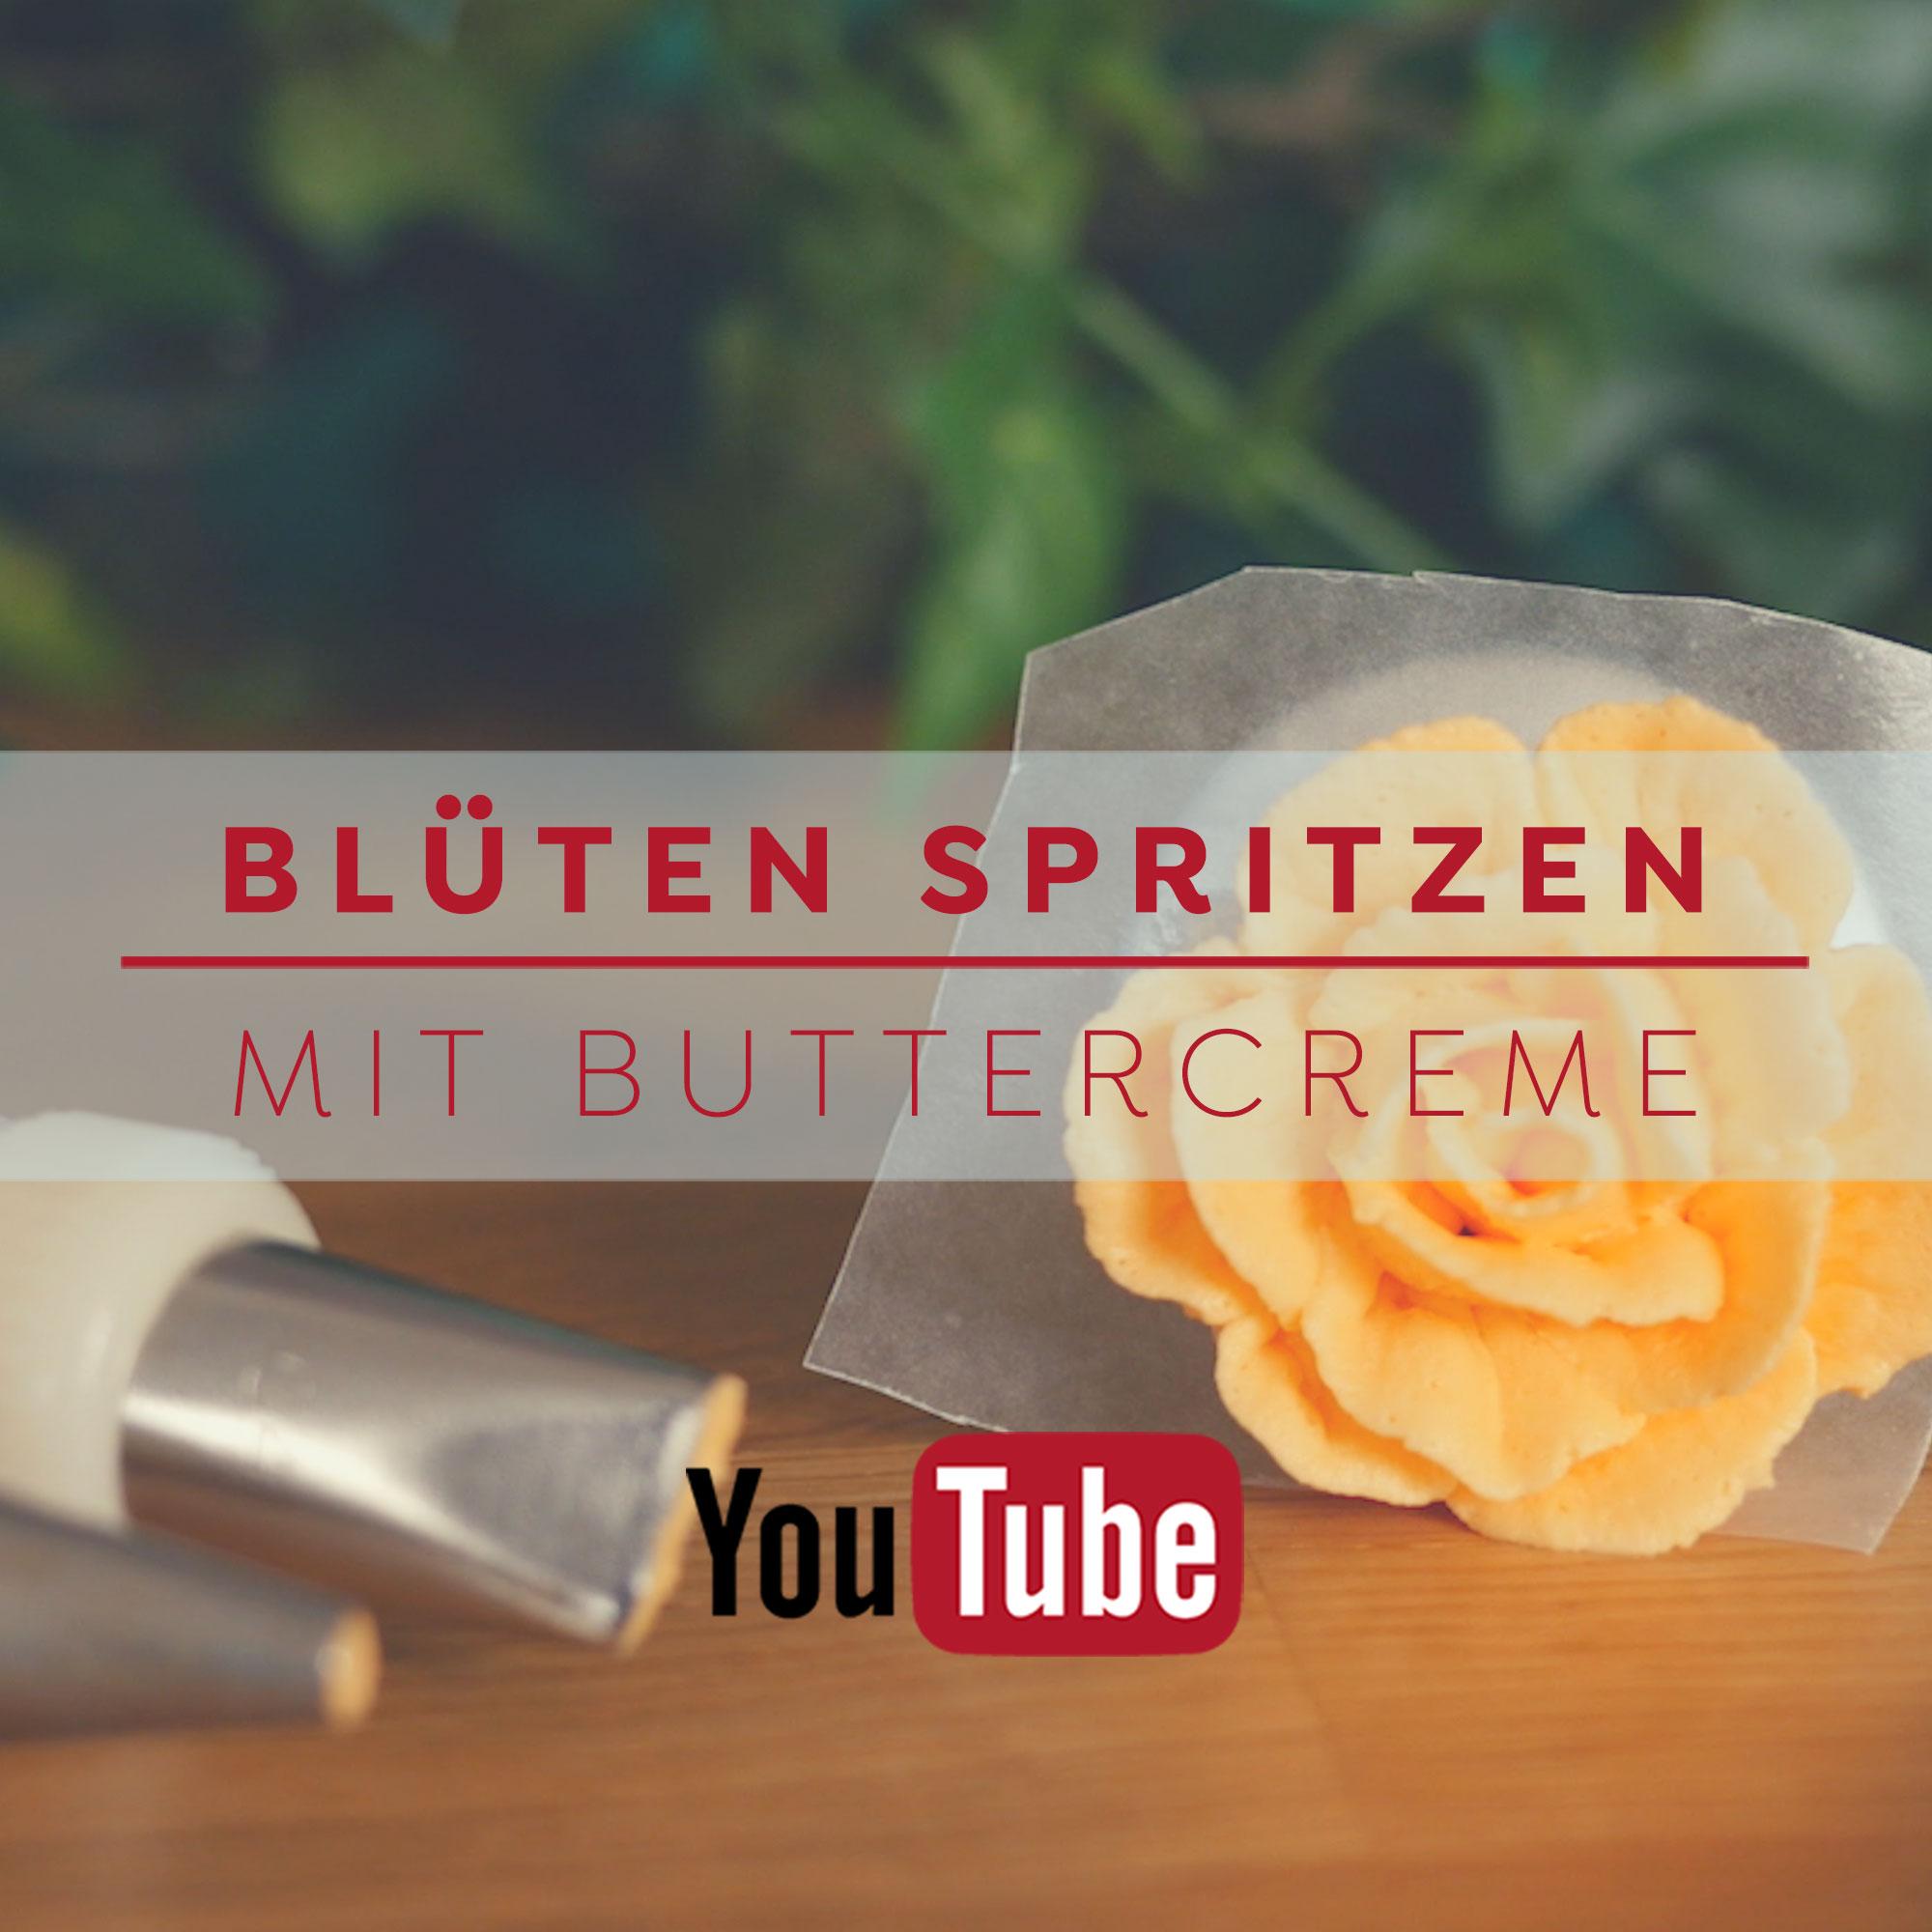 Blüten spritzen mit Buttercreme